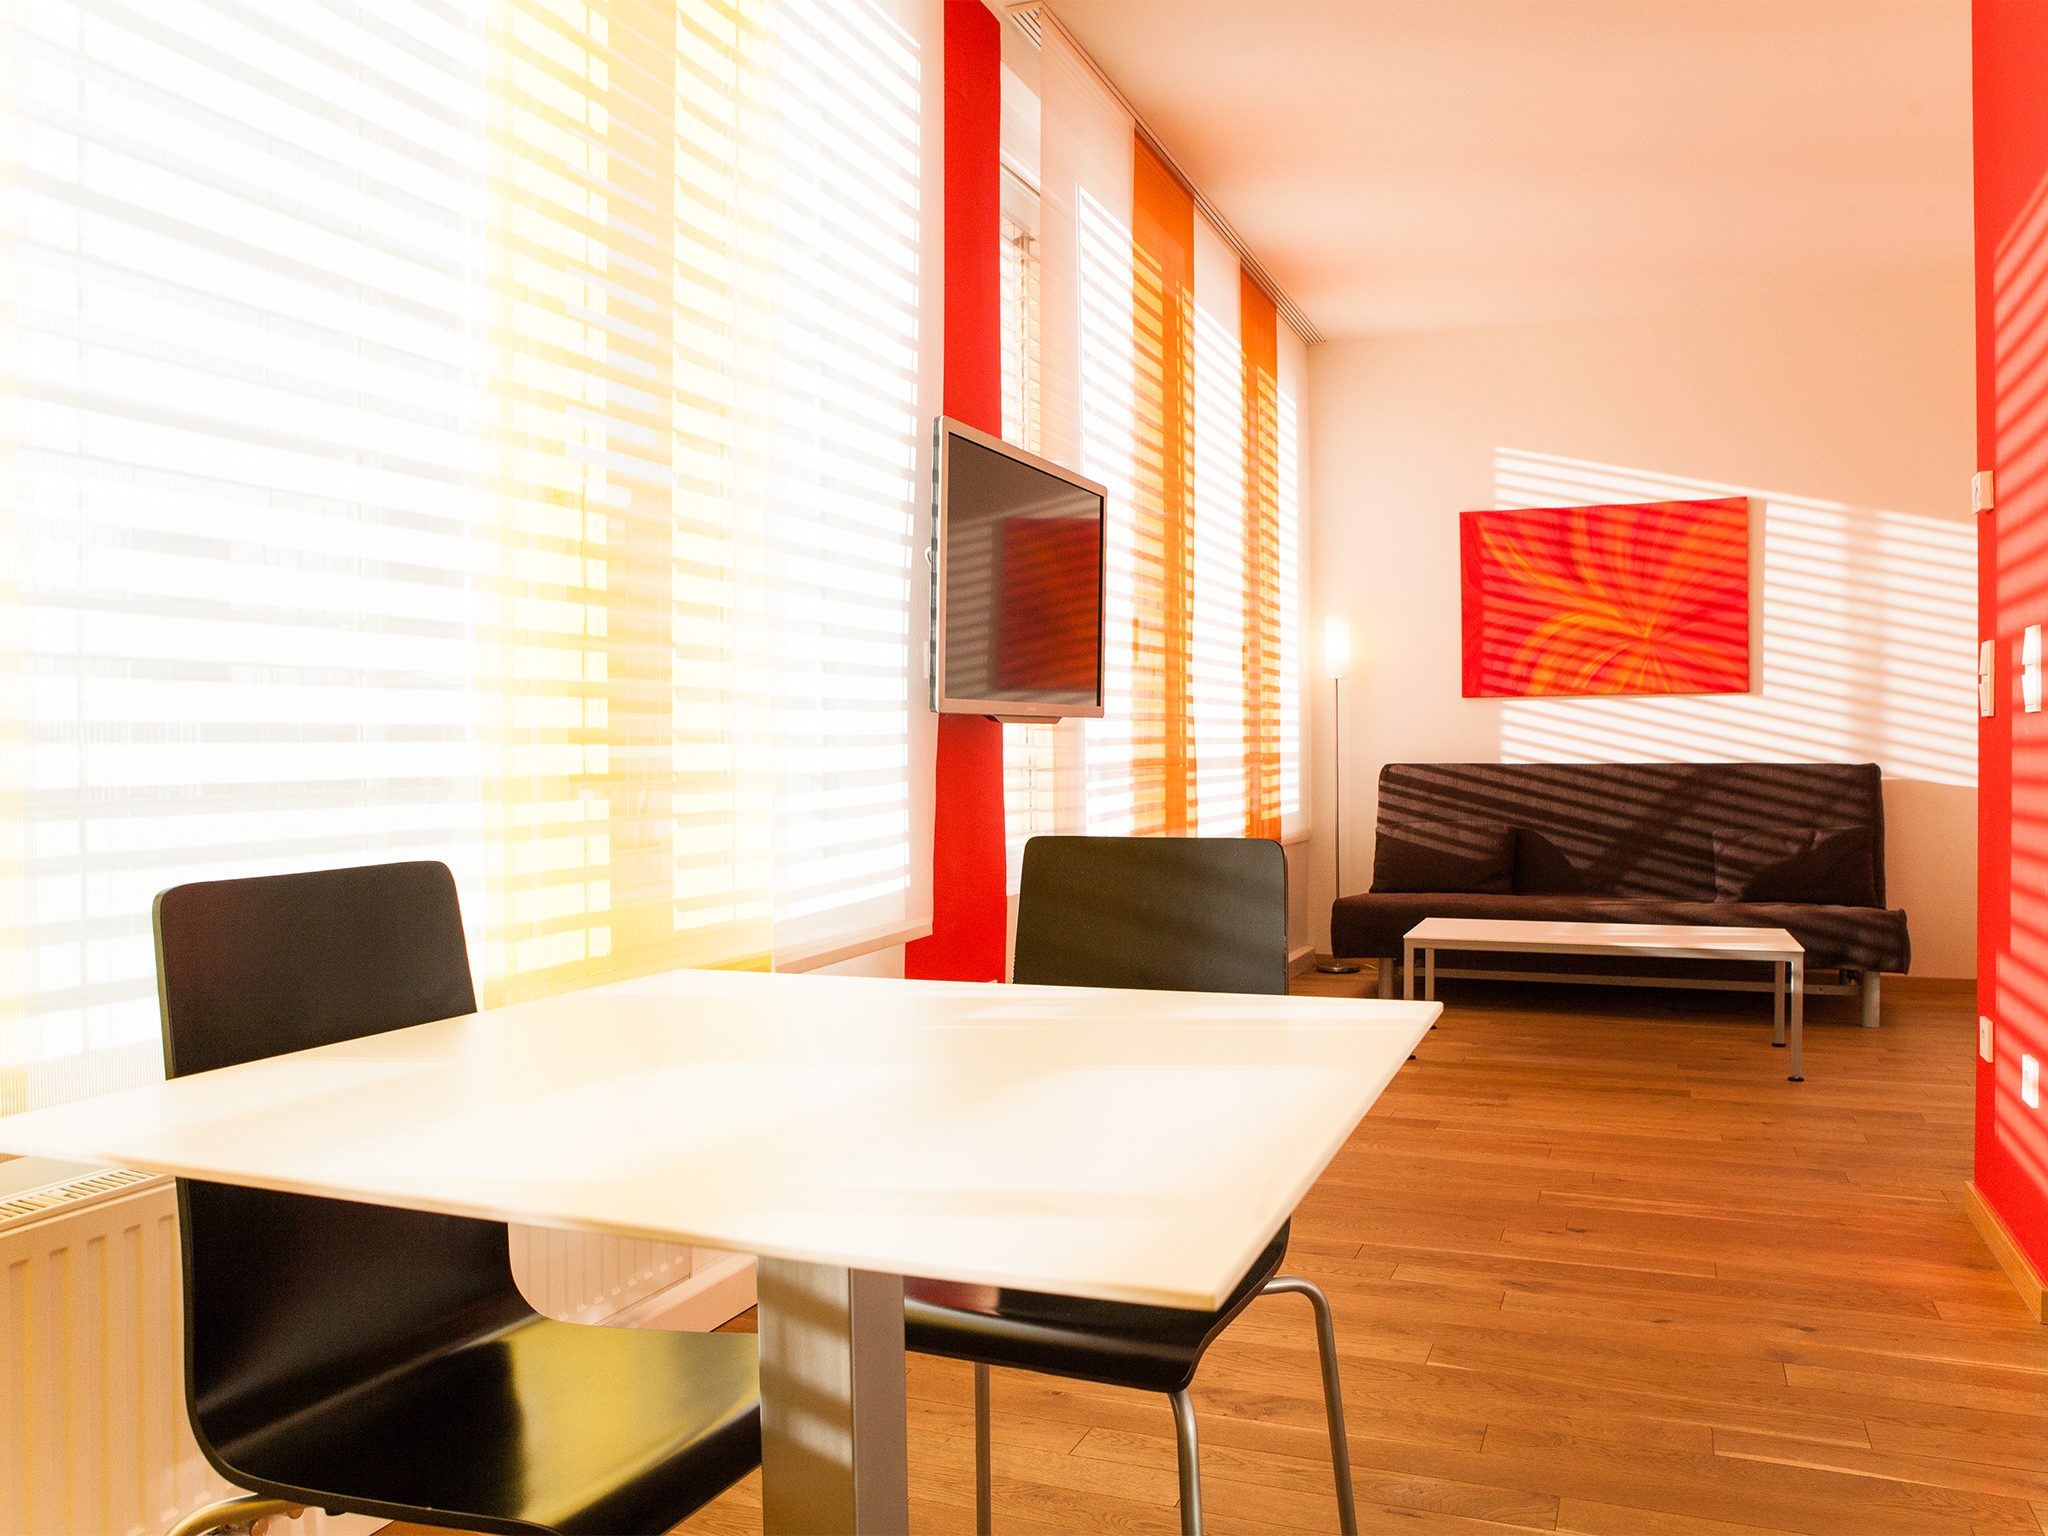 Apartment Feuer Wohnraum Esstisch Sofa